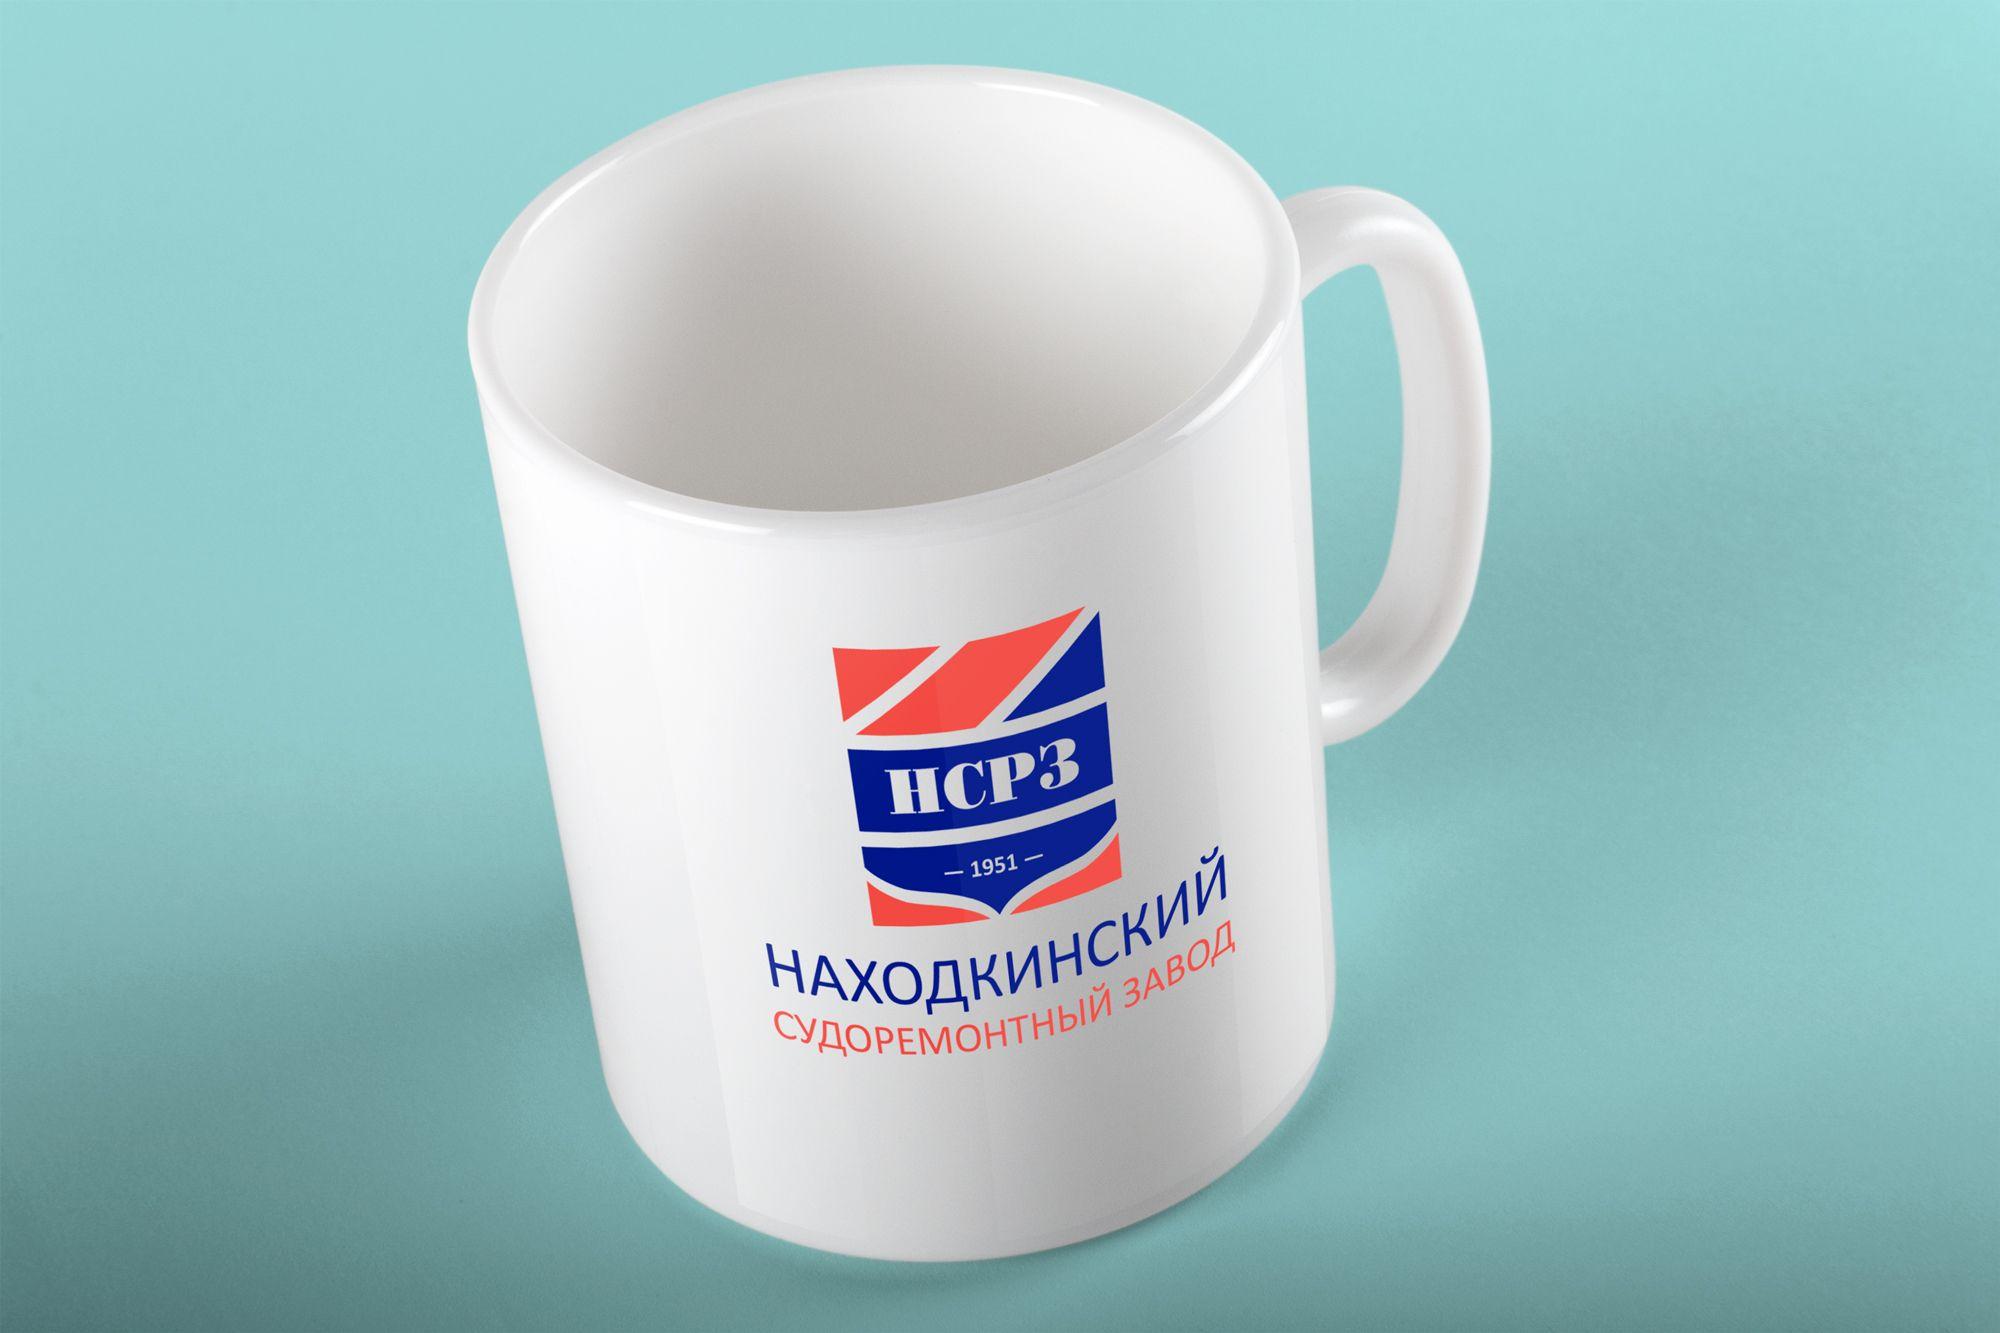 Лого и фирменный стиль для НСРЗ - дизайнер Vittold